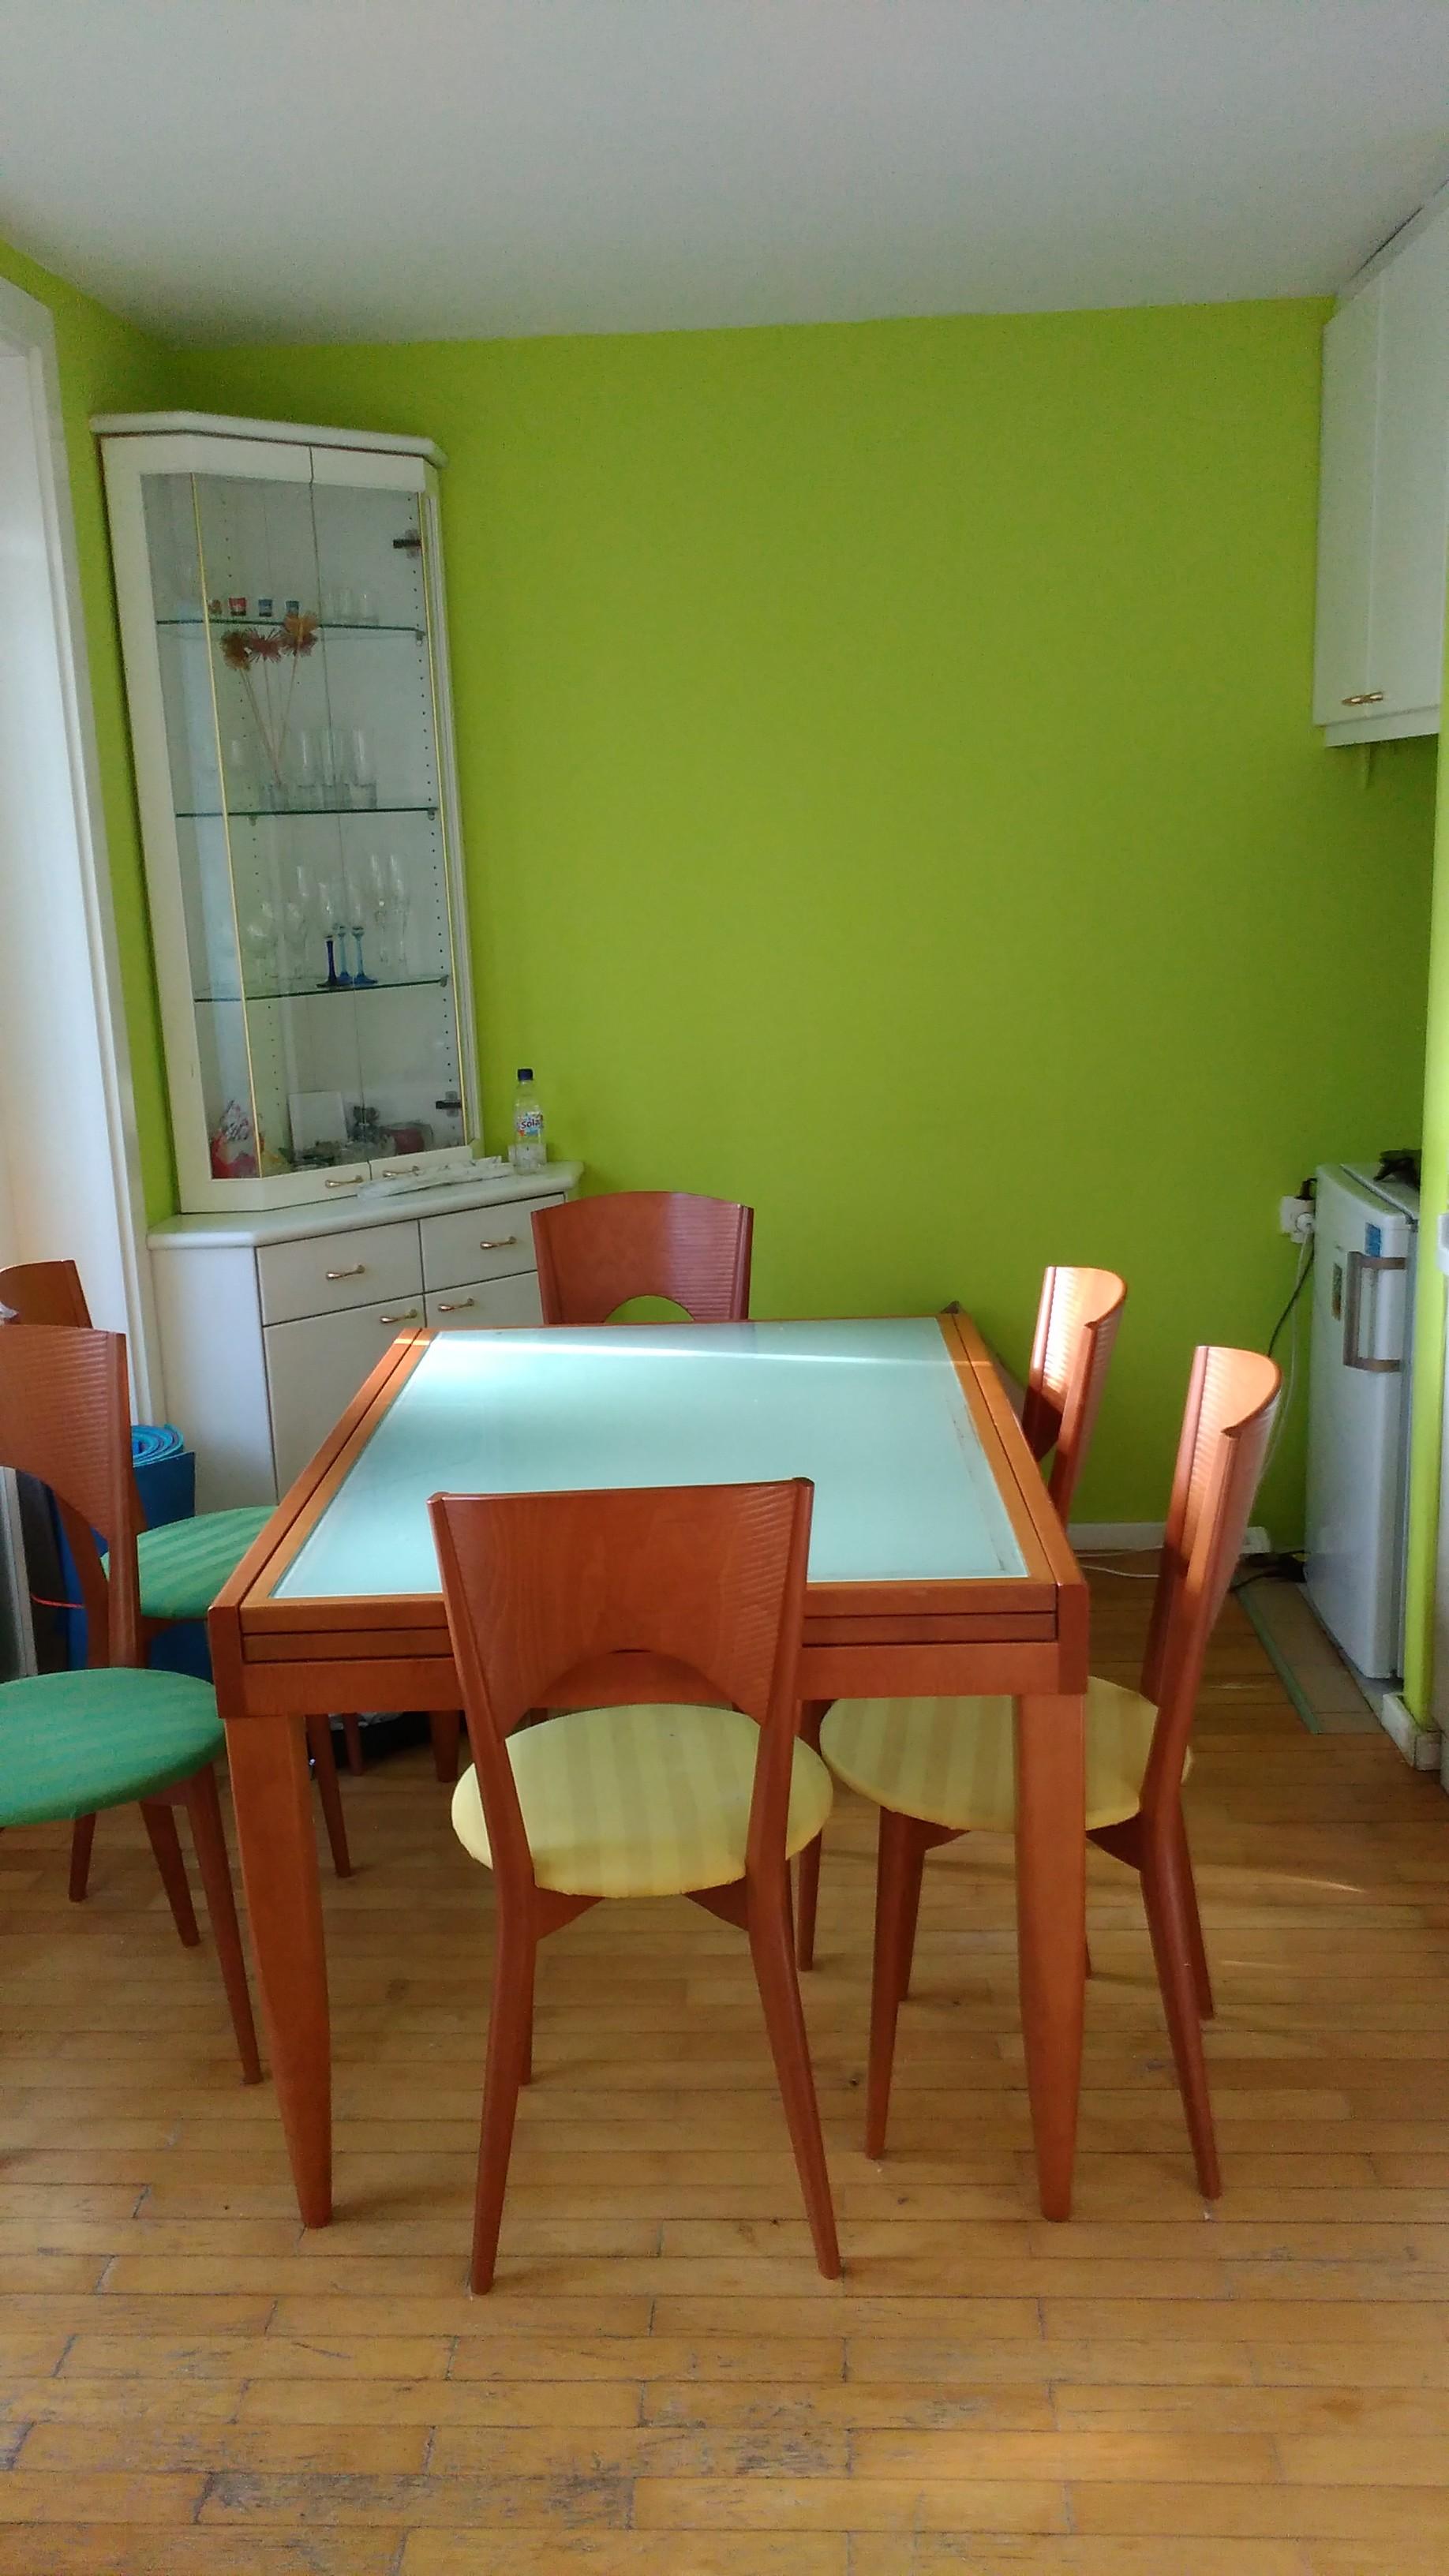 Room in the shared apartment in Ljubljana